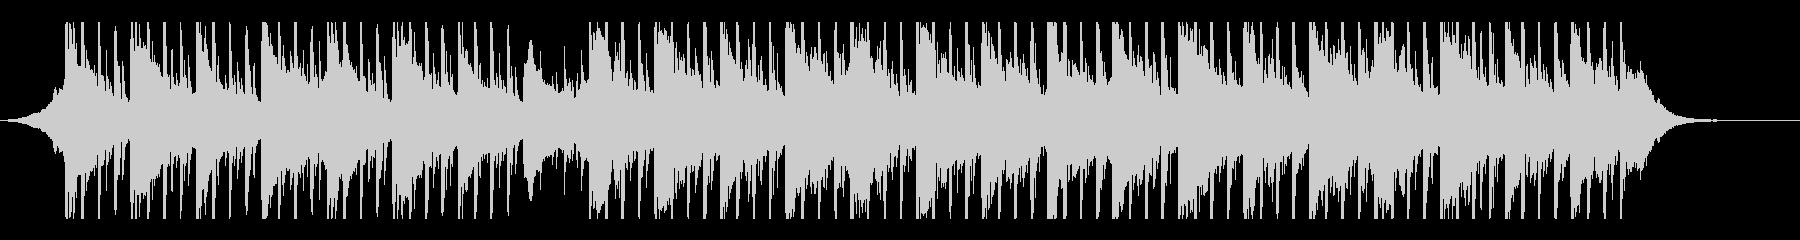 ミニマリズム(60秒)の未再生の波形